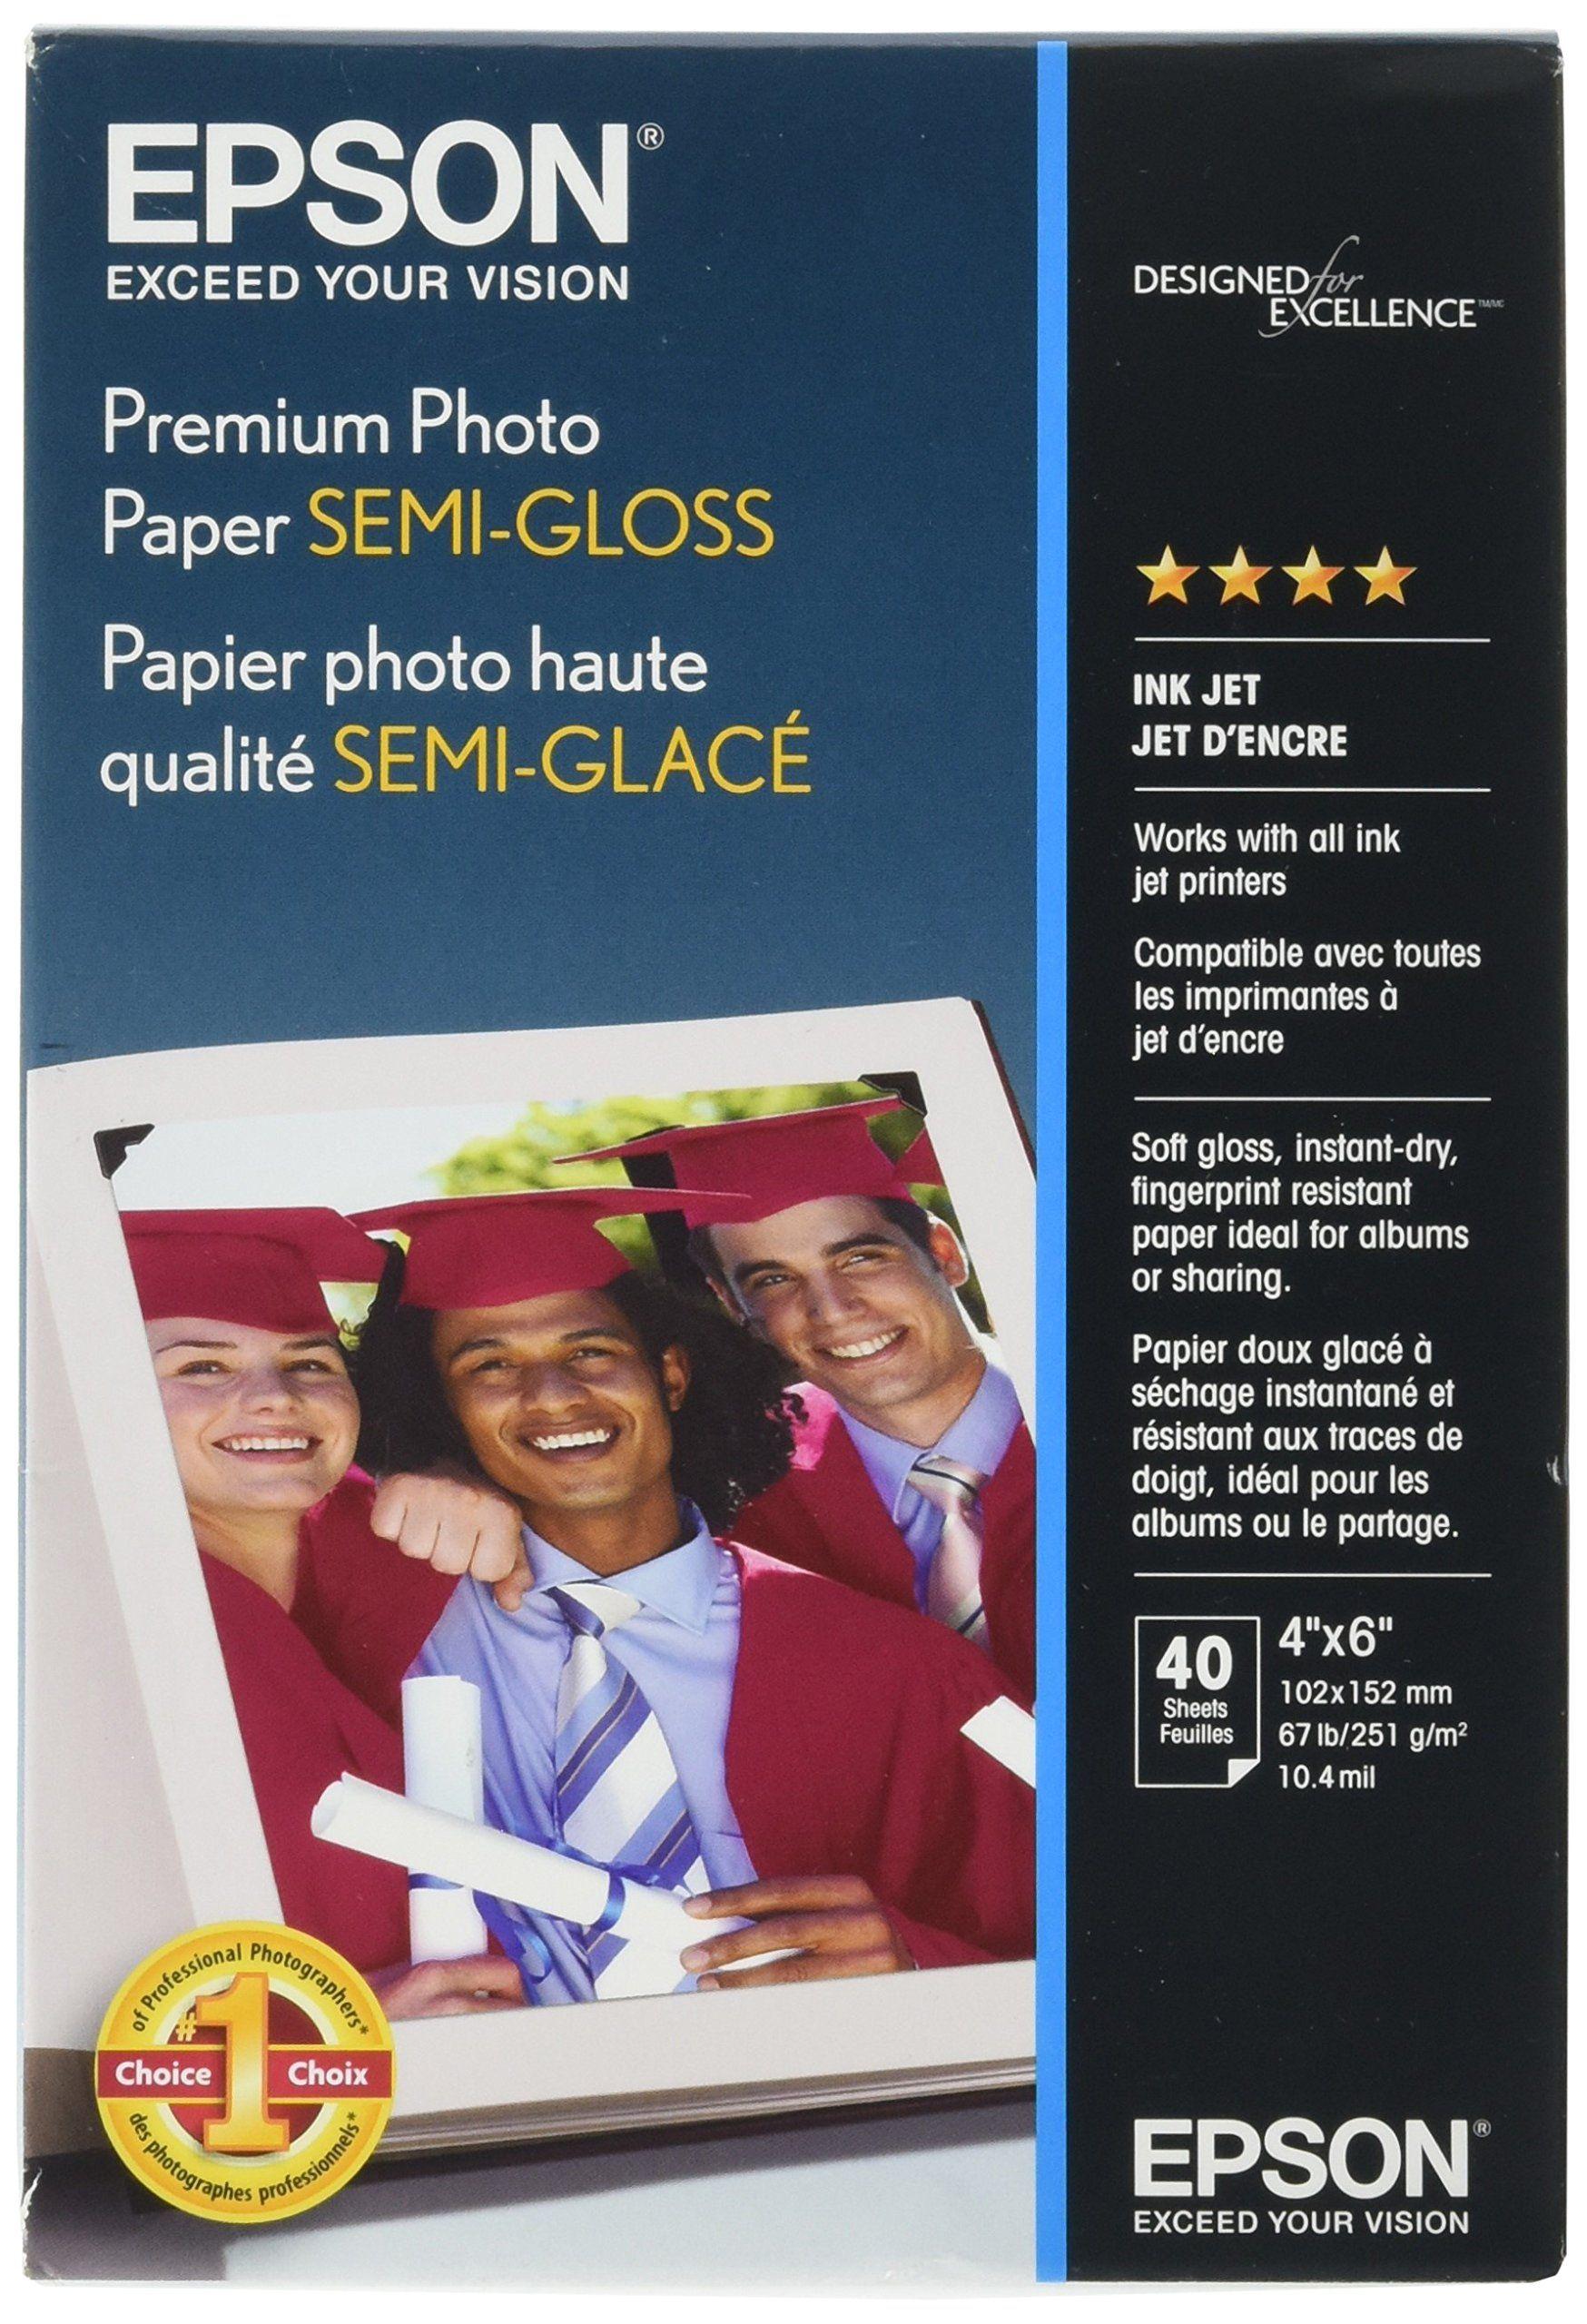 Epson Premium Photo Paper SEMI-GLOSS (4x6 Inches, 40 Sheets